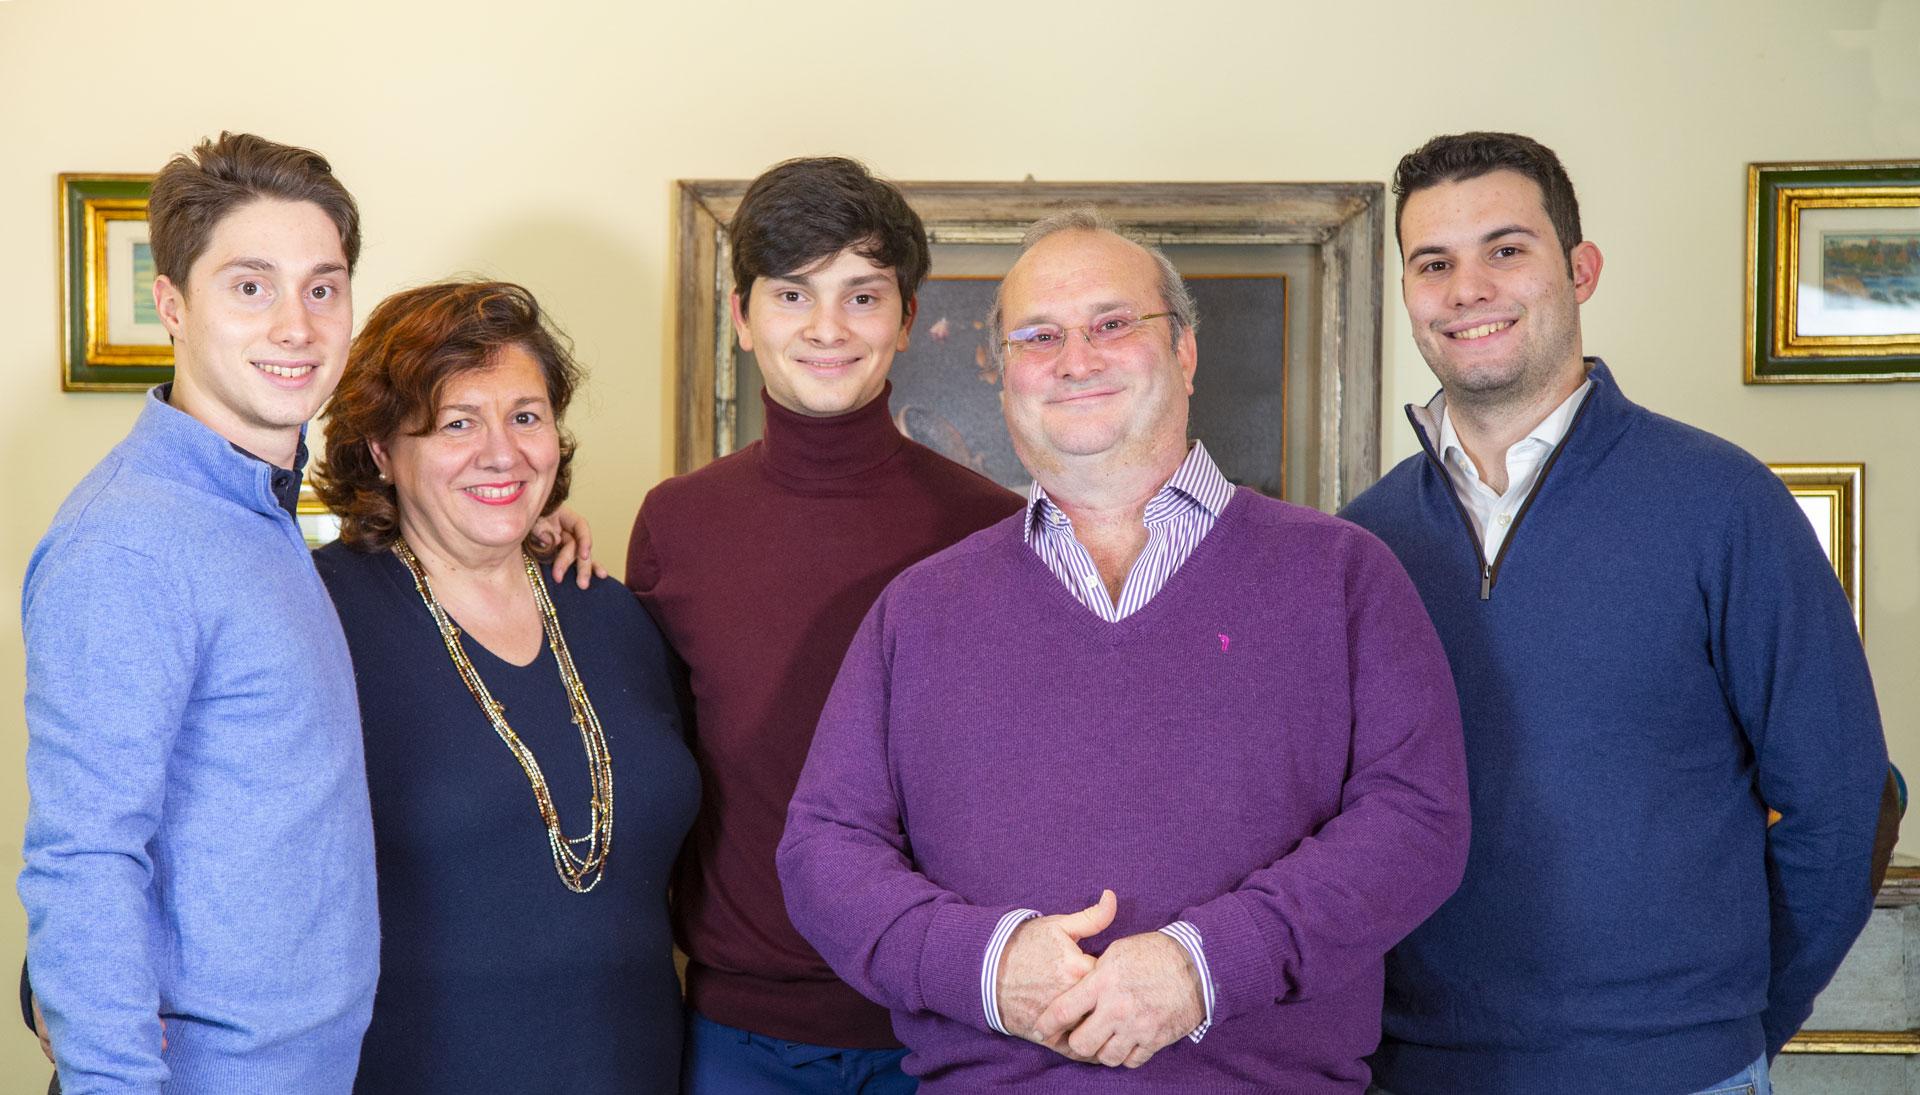 La famiglia Ciatti de La Fornace de' Medici. Una famiglia felice, Guido e Tiziana sono sposati oramai da molti anni e si lasciano abbracciare dai tre figli; Marco, il più grande del 1997, Lorenzo il figlio di mezzo ed infine Fabrizio, il piccolo di casa.